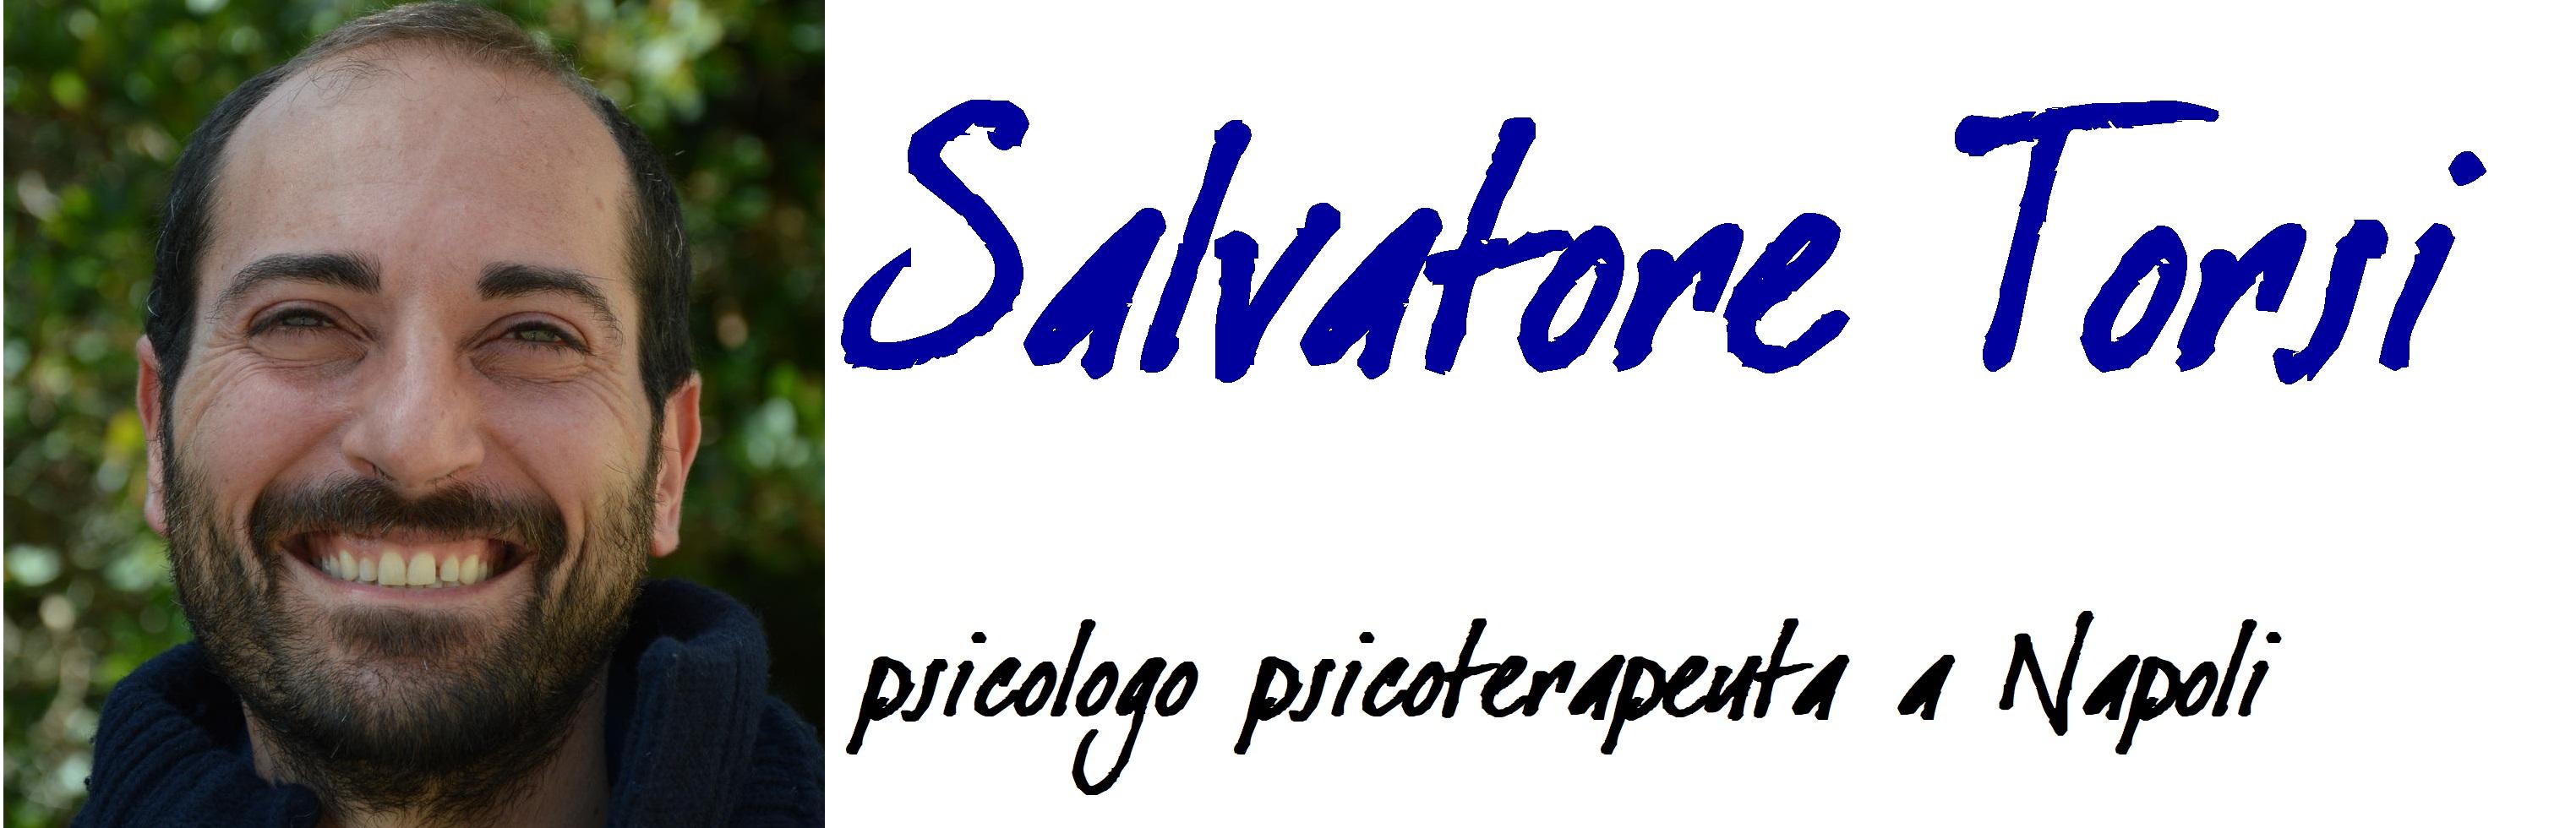 Salvatore Torsi